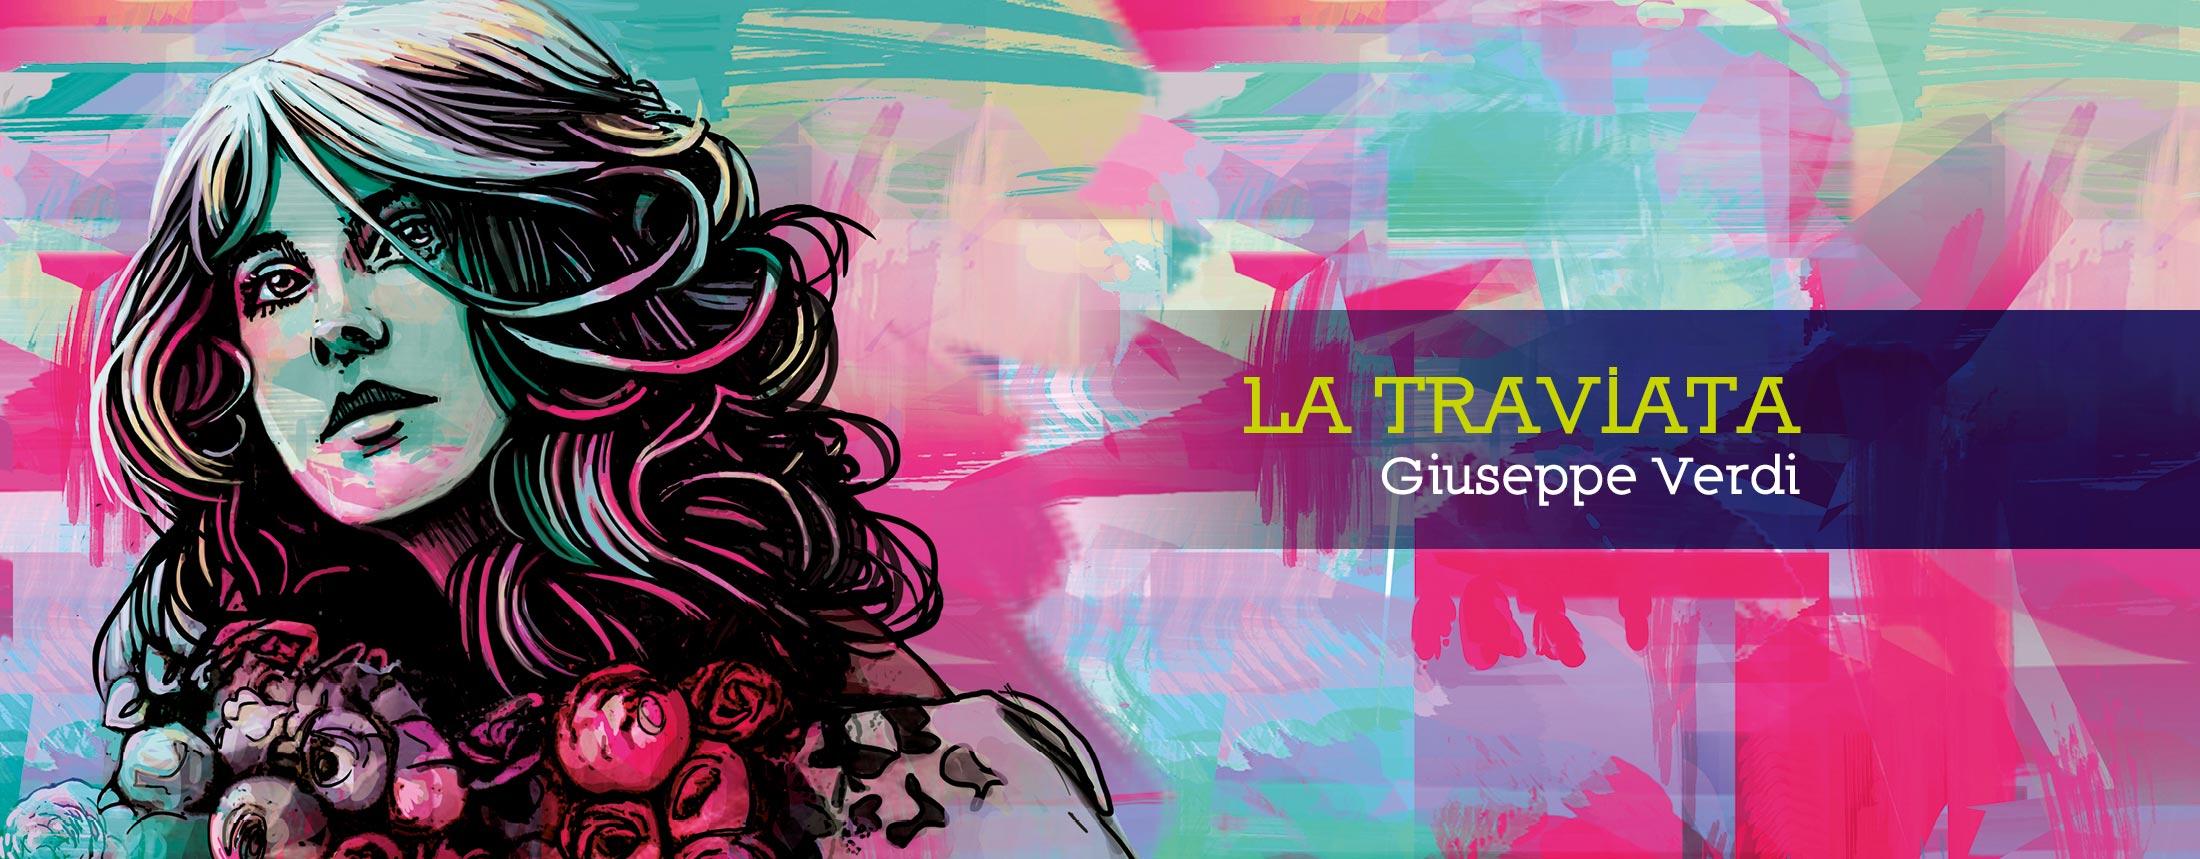 TCBO_2200x859-la-Traviata_0918